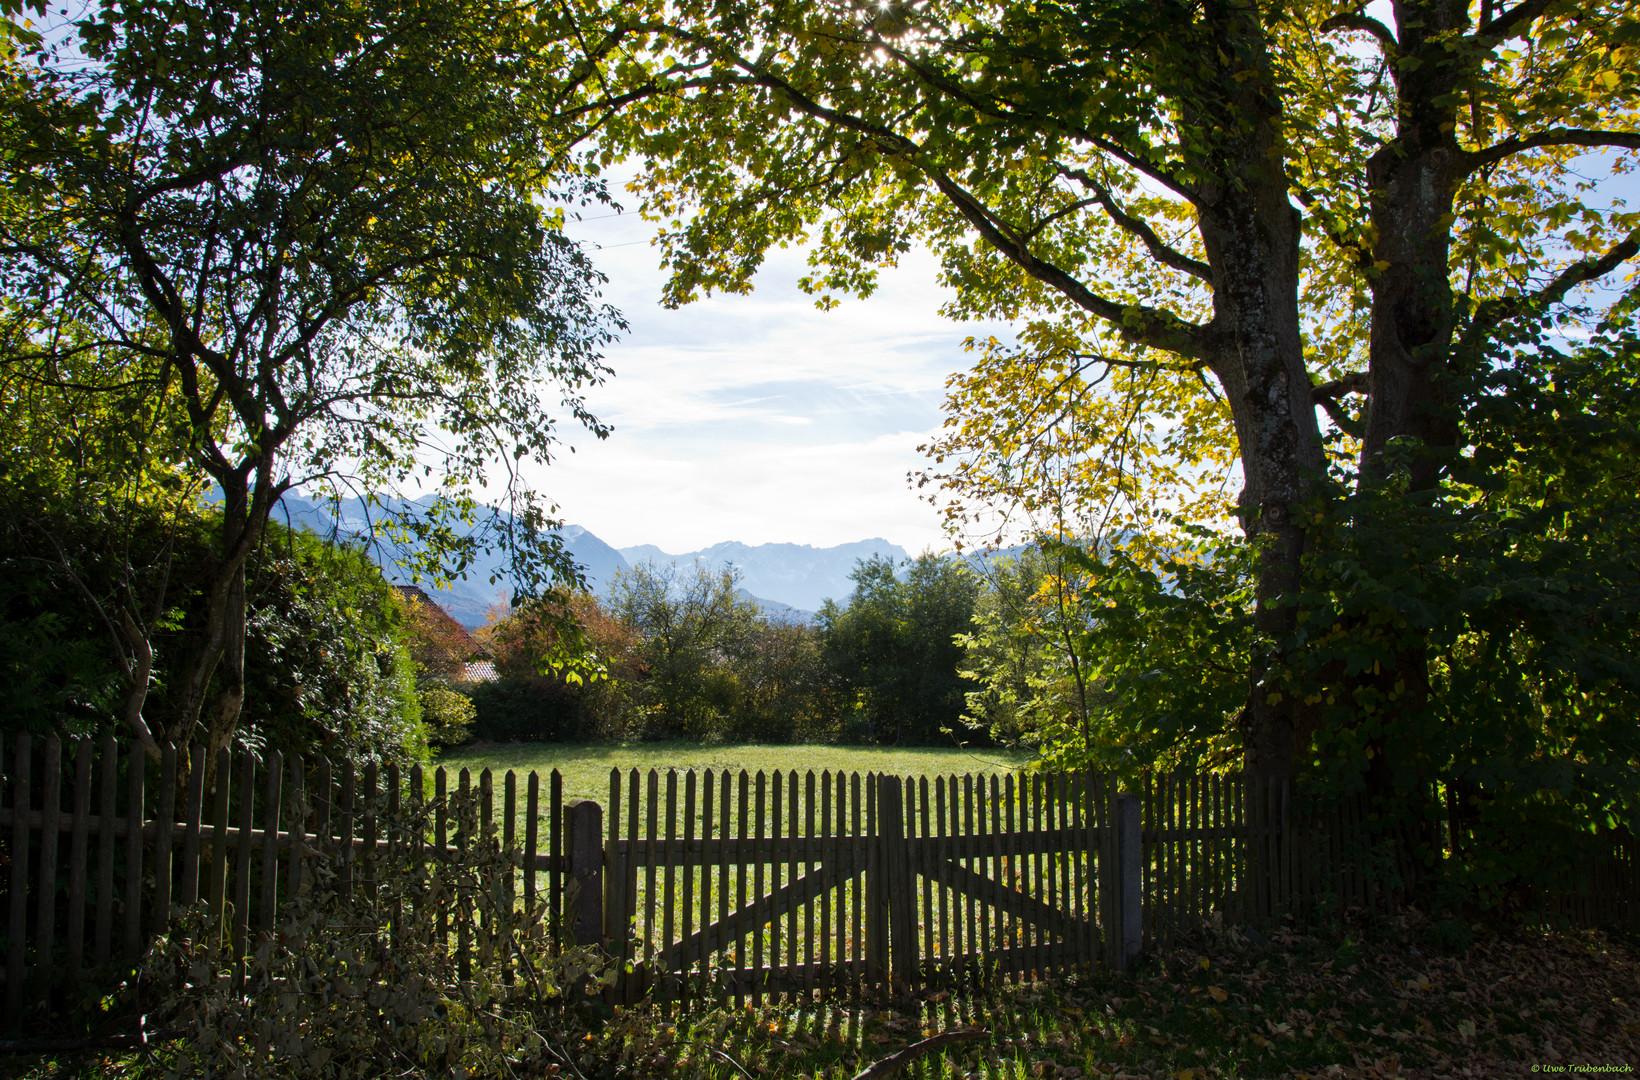 Das bayrische Voralpenland, ein idyllisches Fleckchen Erde ...